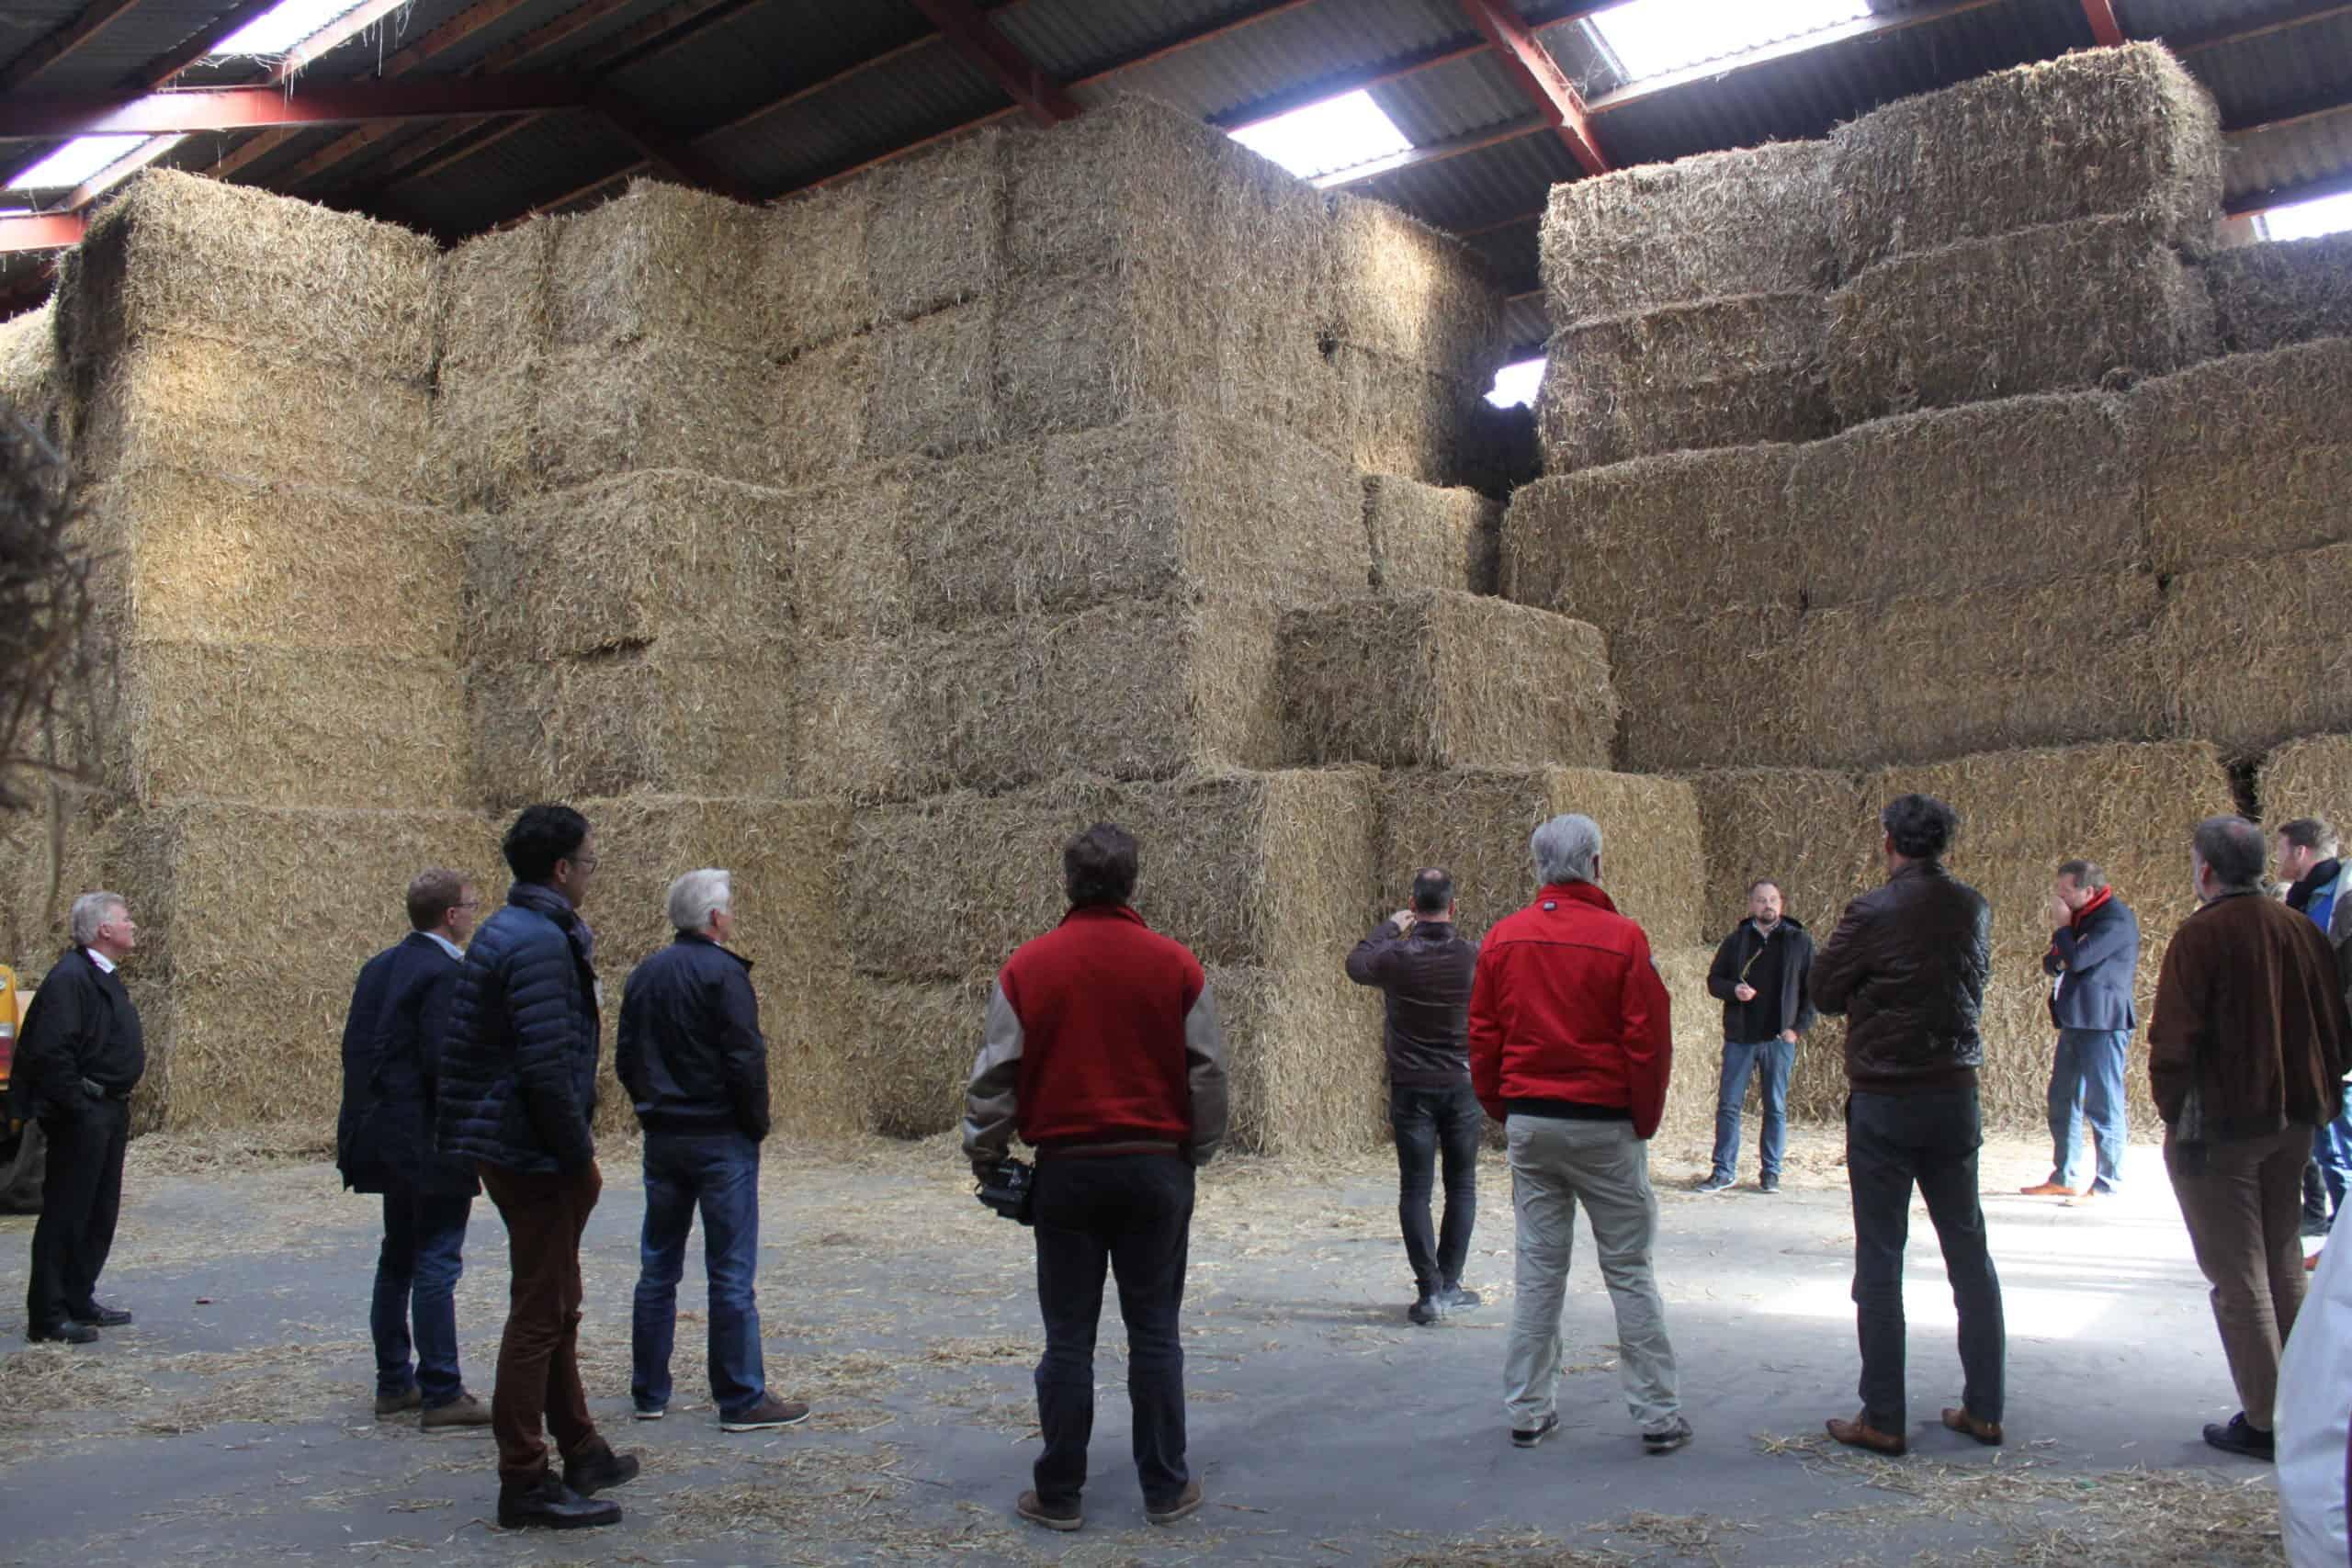 Samsø bezoek voorraadschuur stro-biomassa met seizoensvoorraad